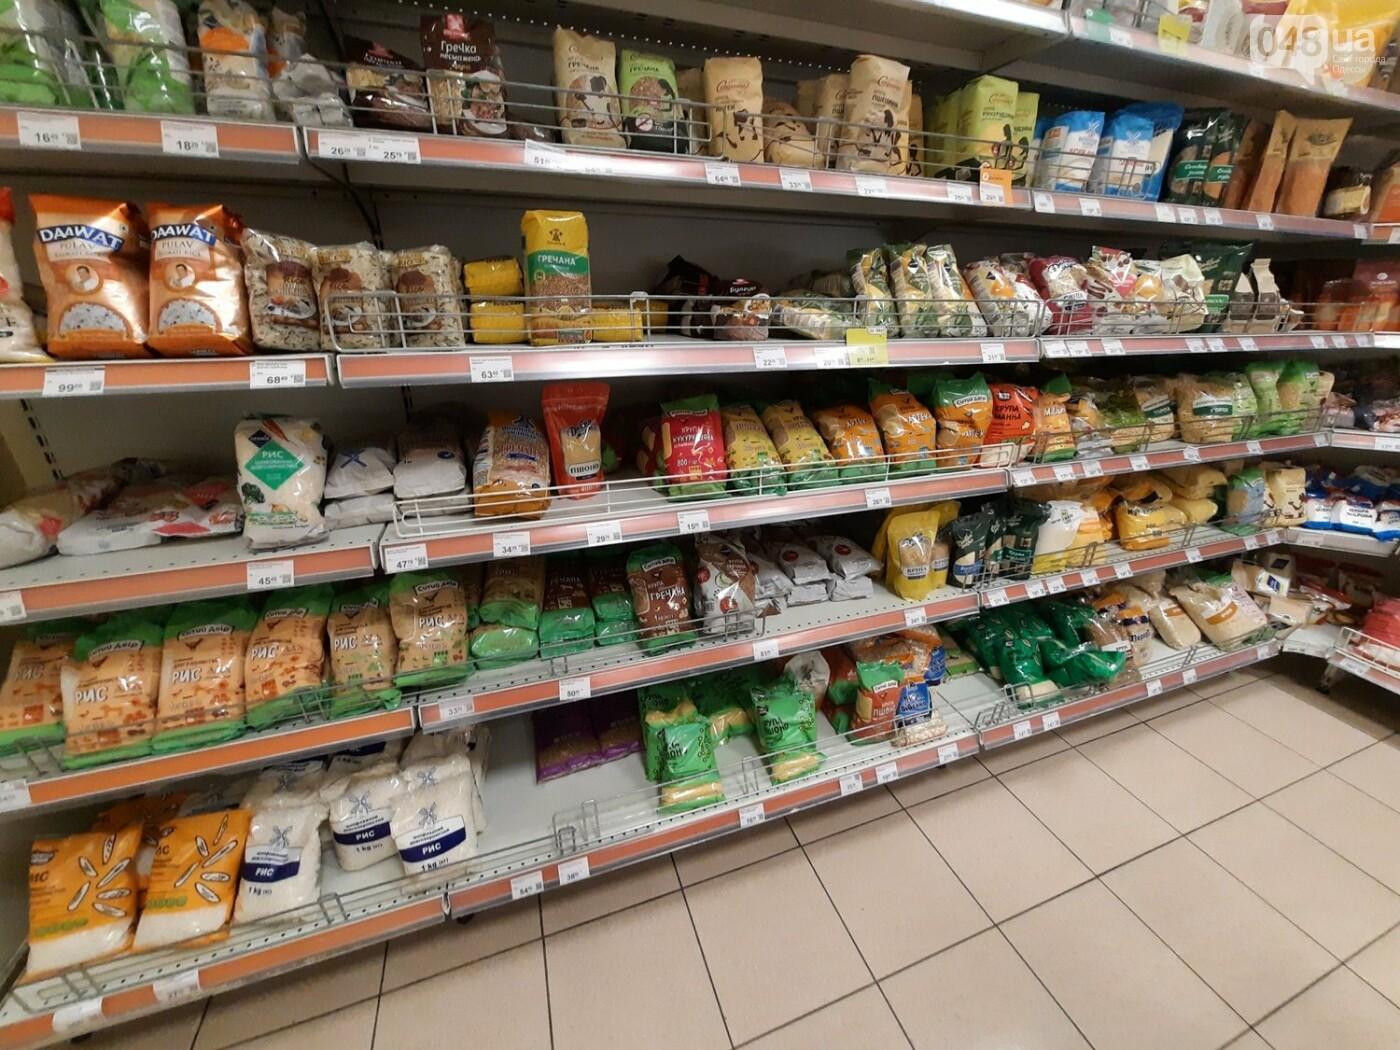 Чечевица, булгур и рис: как не переплачивать за покупки в супермаркетах Одессы, - ФОТО, фото-2